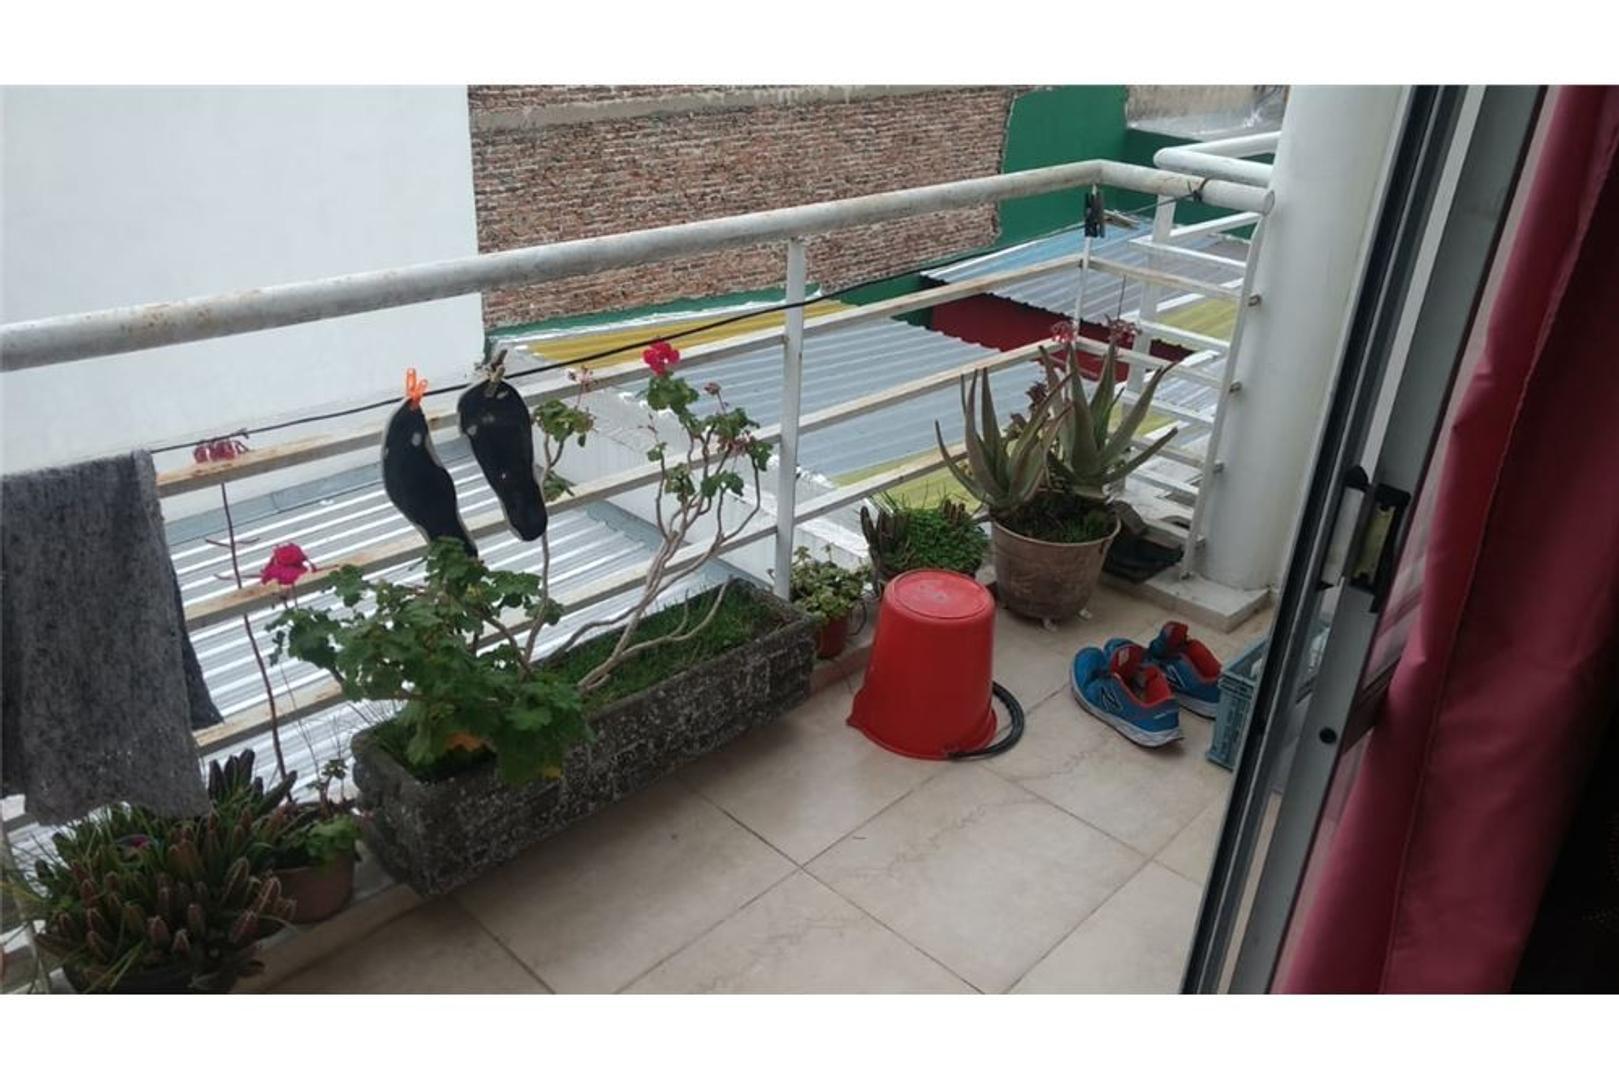 Excelente Monoambiente con pequeño balcòn - Foto 15